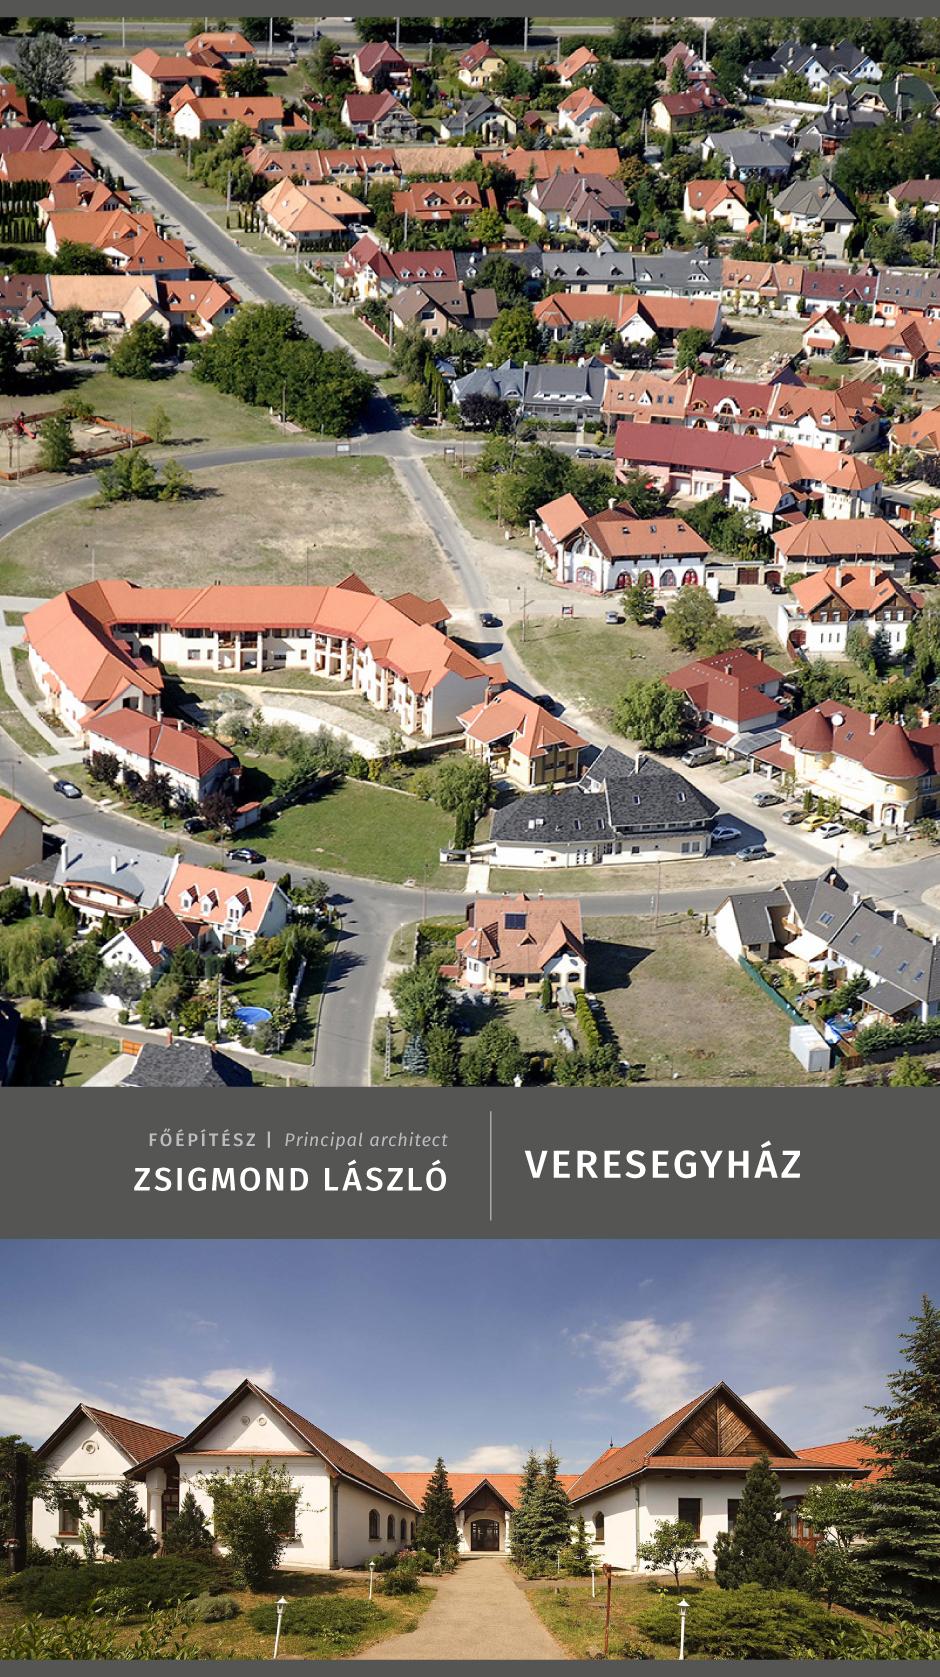 tablo_veresegyhaz-940x1677